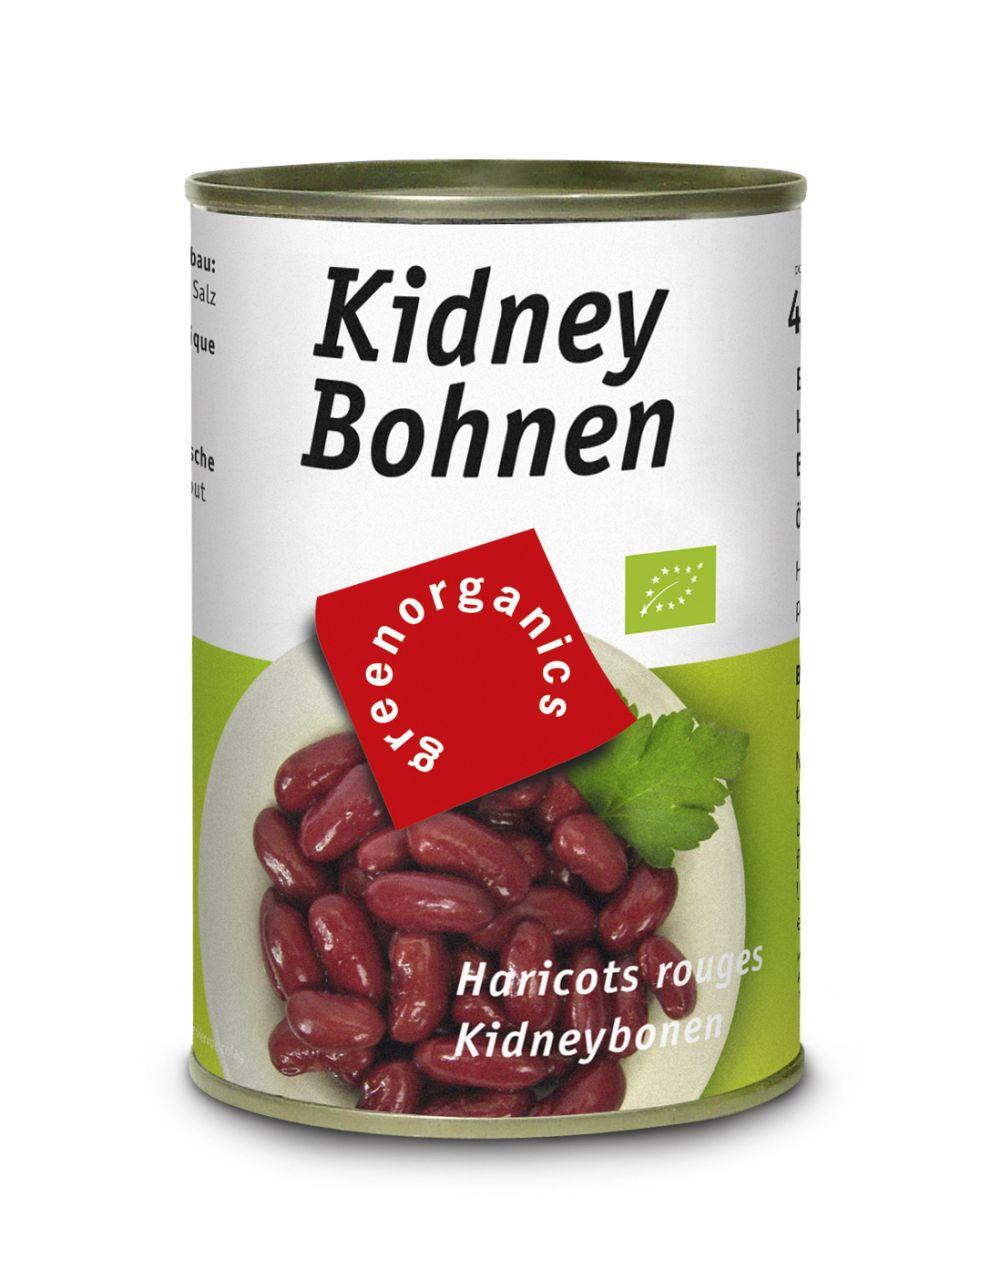 Kidneybohnen Dose 425ml